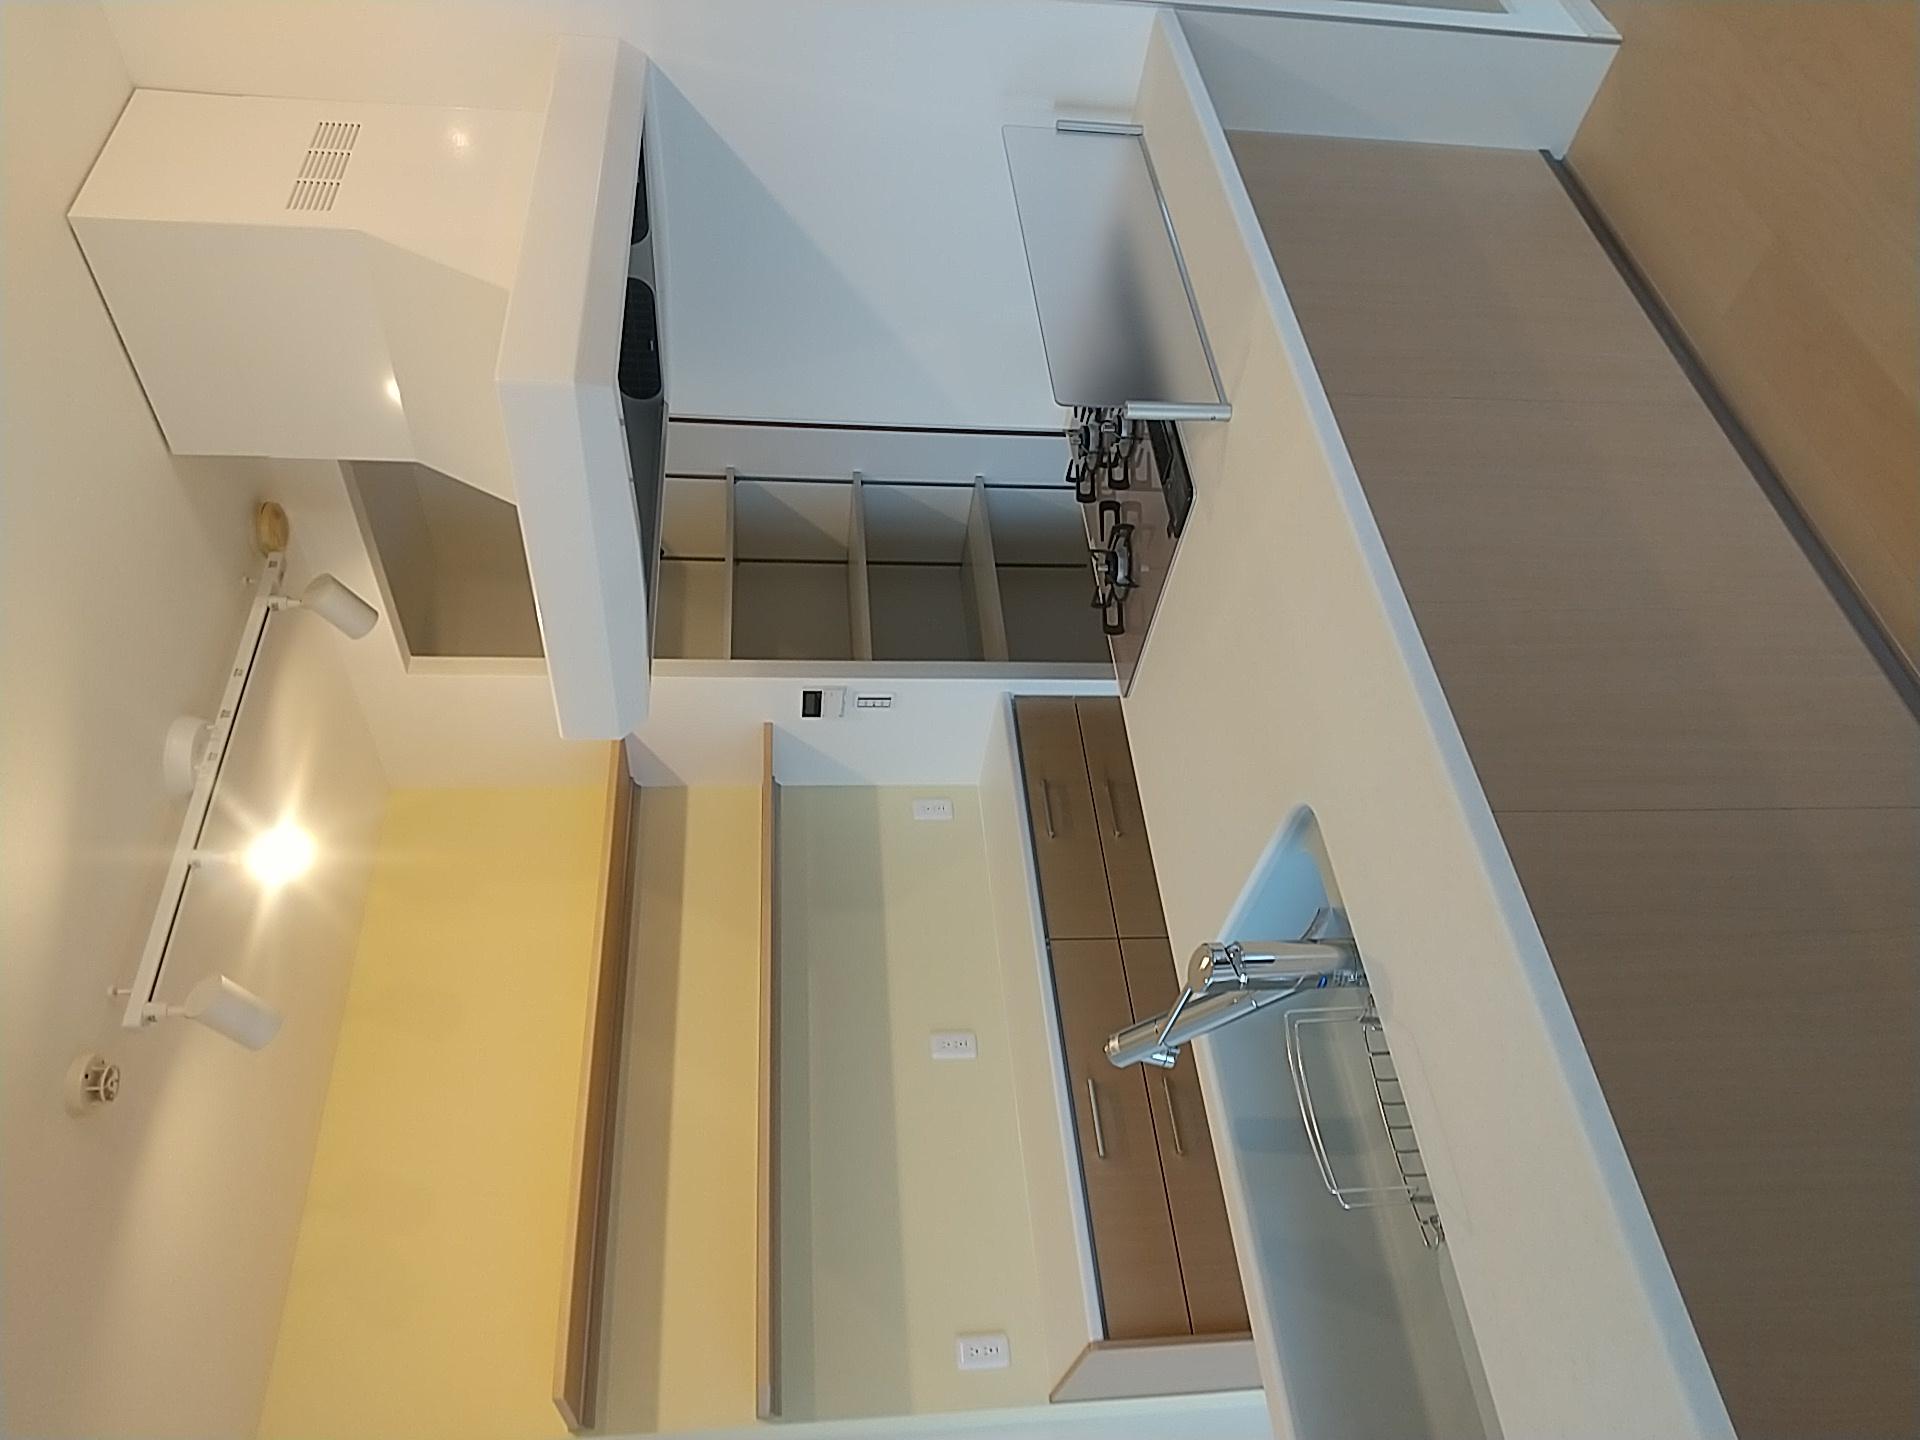 完成したフラット型キッチン 背面には同シリーズのカウンター収納を配置 このエリアは見せる収納スペースに